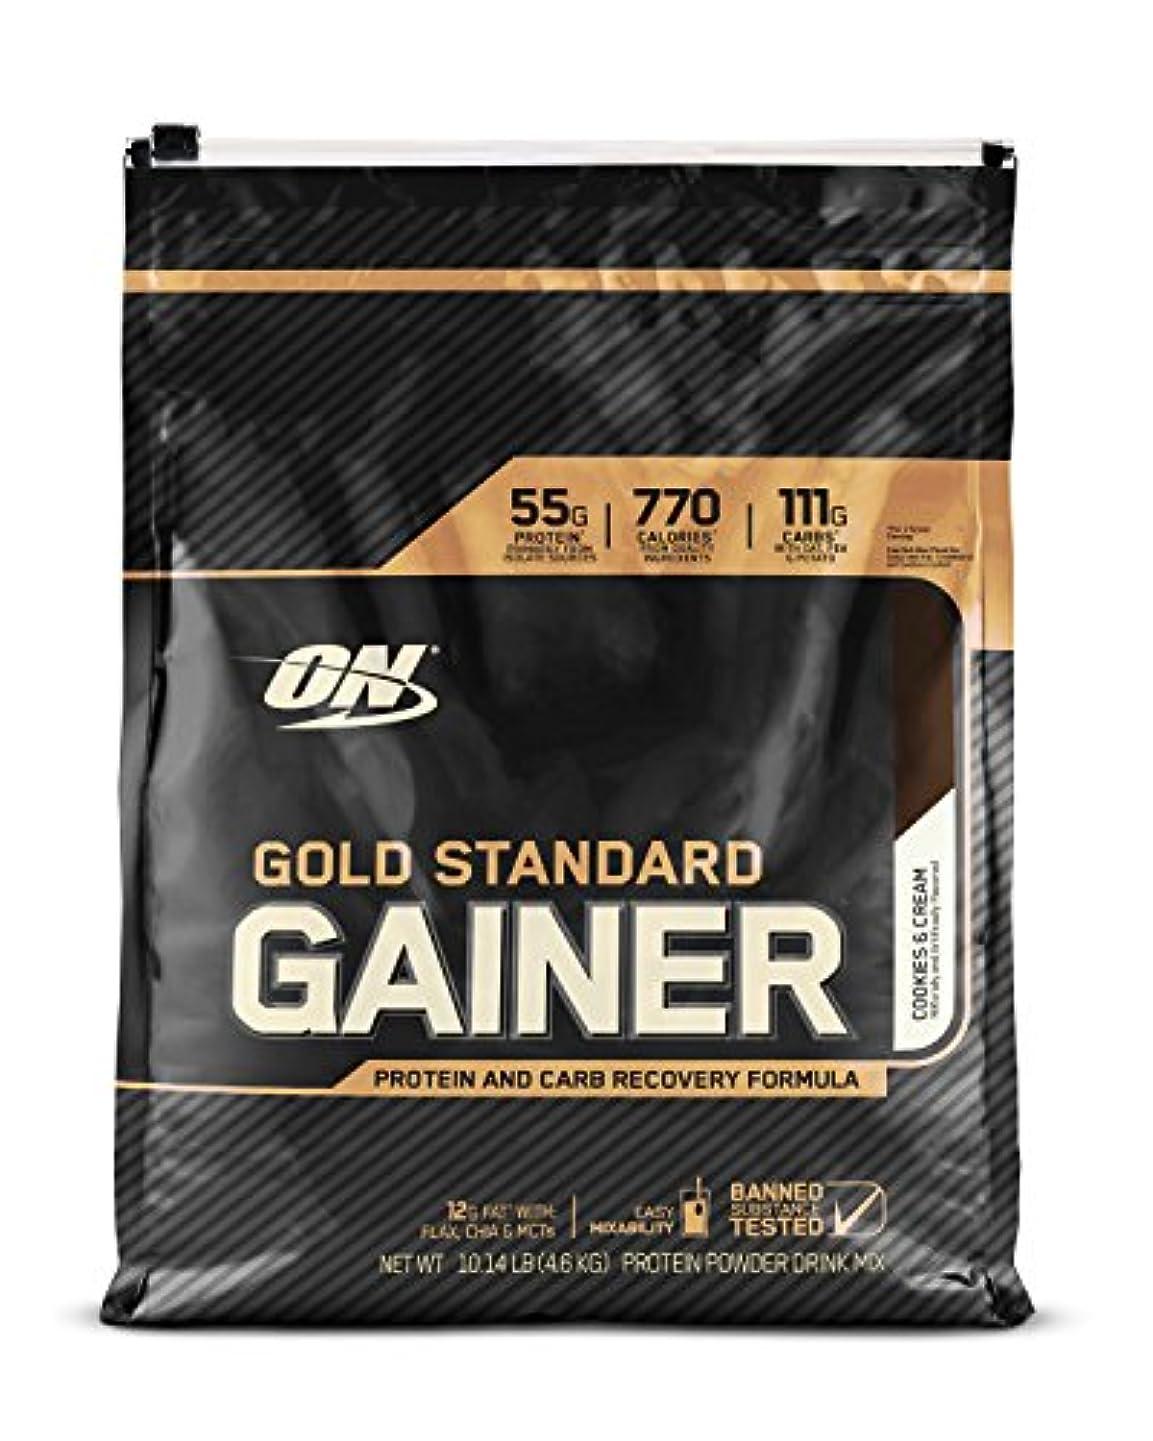 プレゼンター理想的役職ゴールドスタンダード ゲイナー 10LB クッキークリーム (Gold Standard Gainer 10LB Cookies & Cream) [海外直送品]